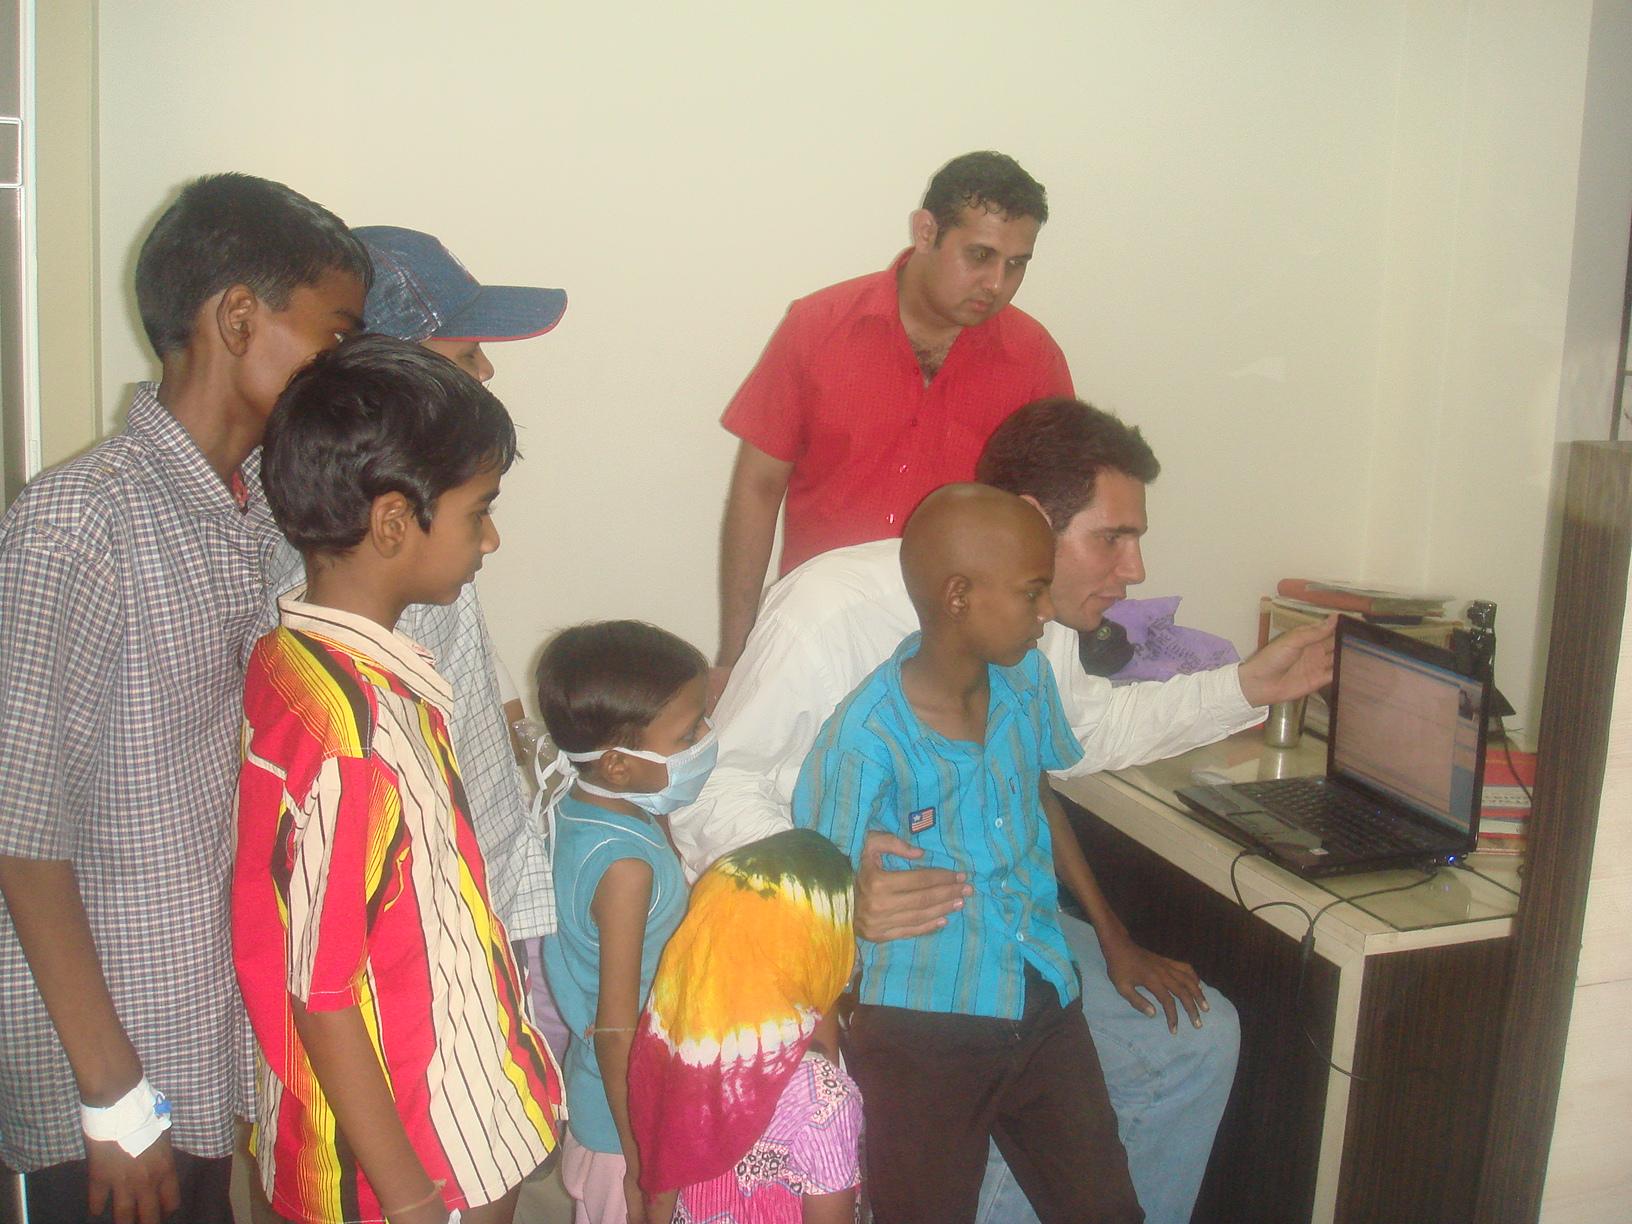 … ou encore à Ahmedabad en Inde...